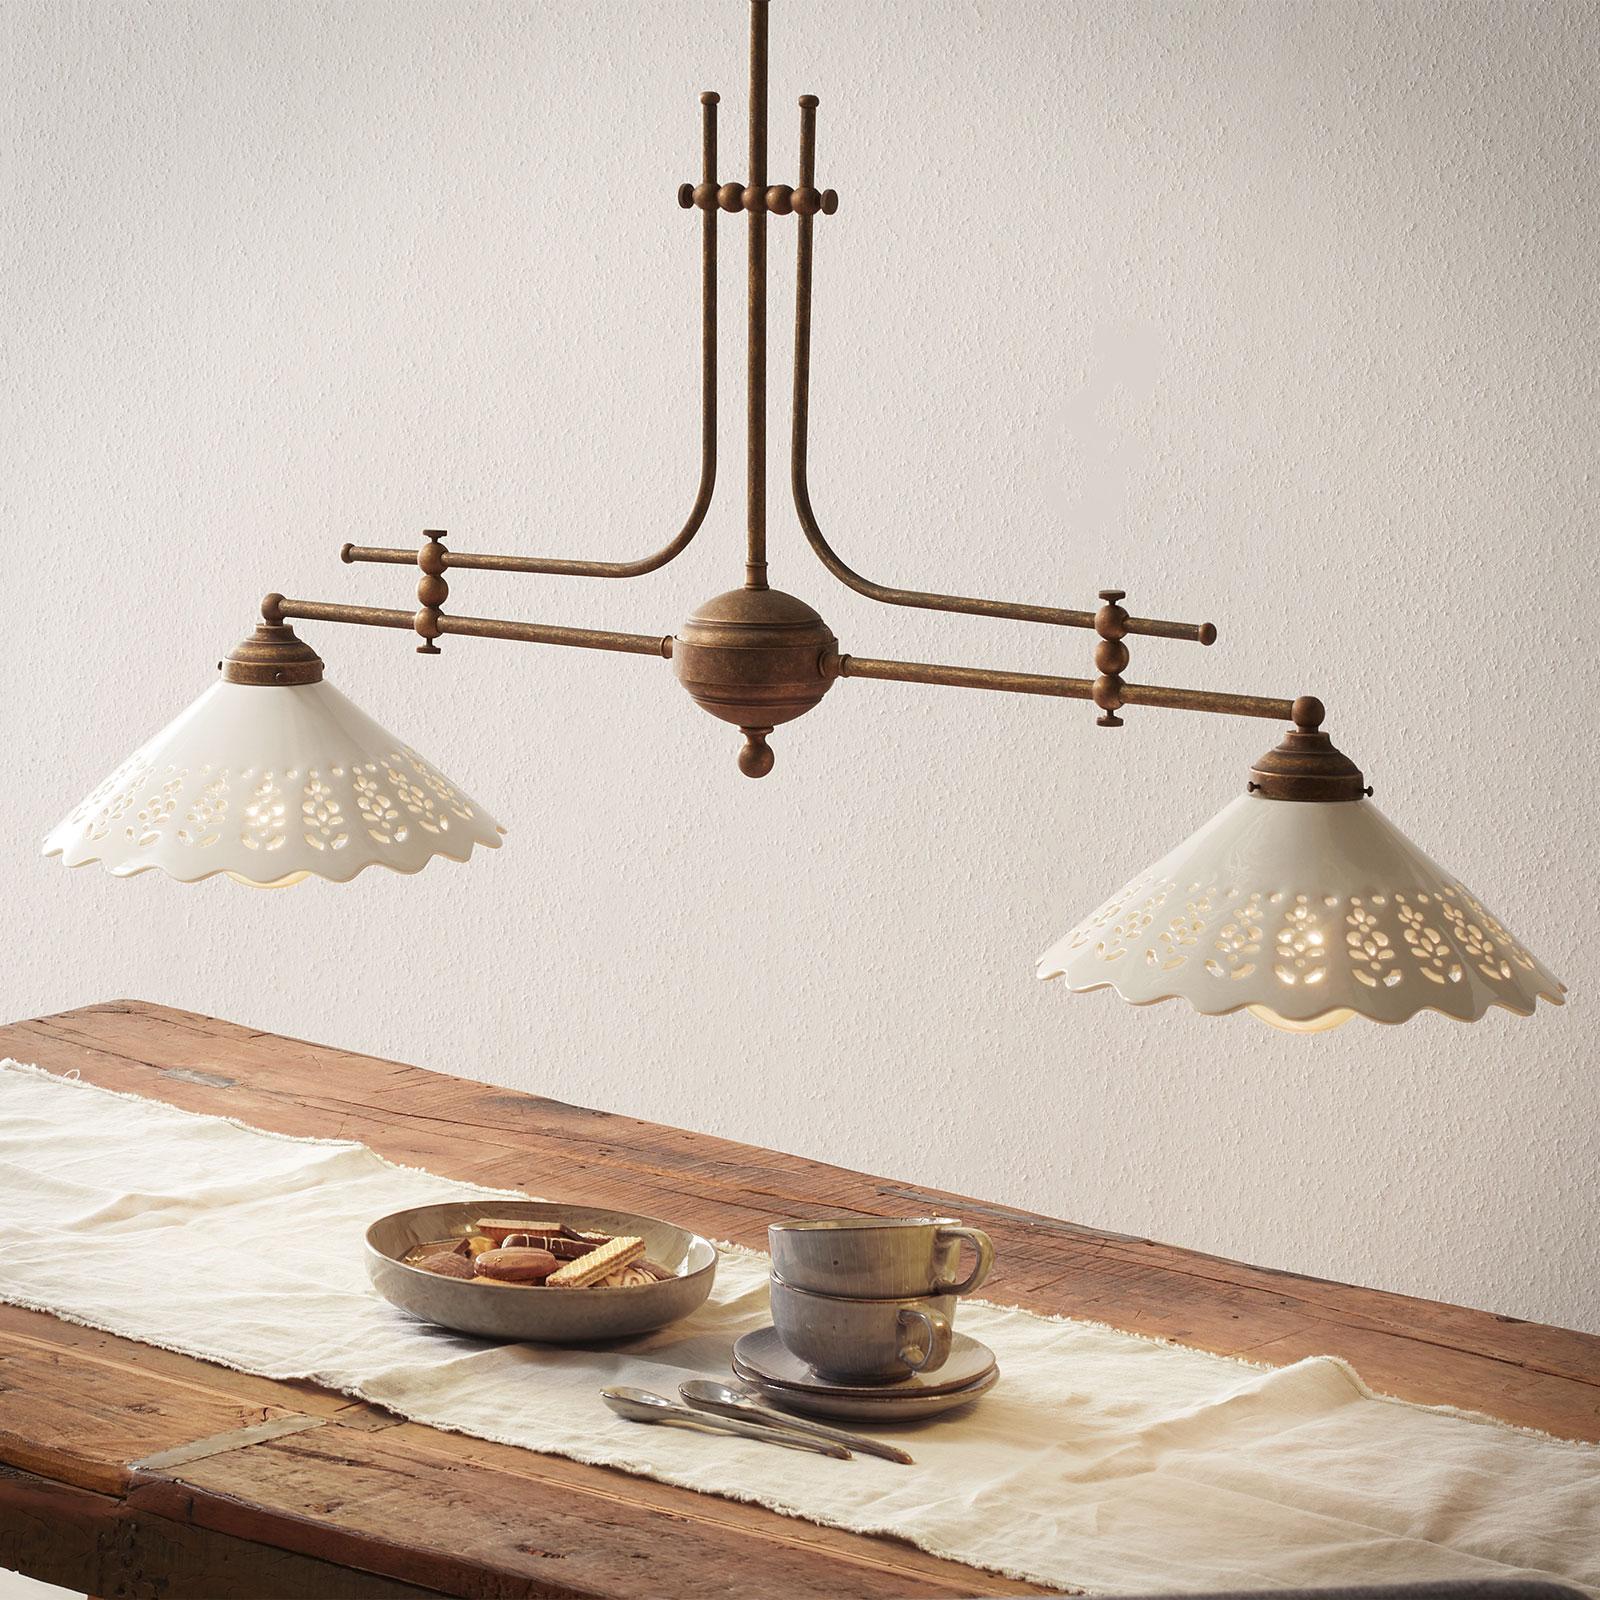 Hanglamp Pizzo met ketting, 2-lamps